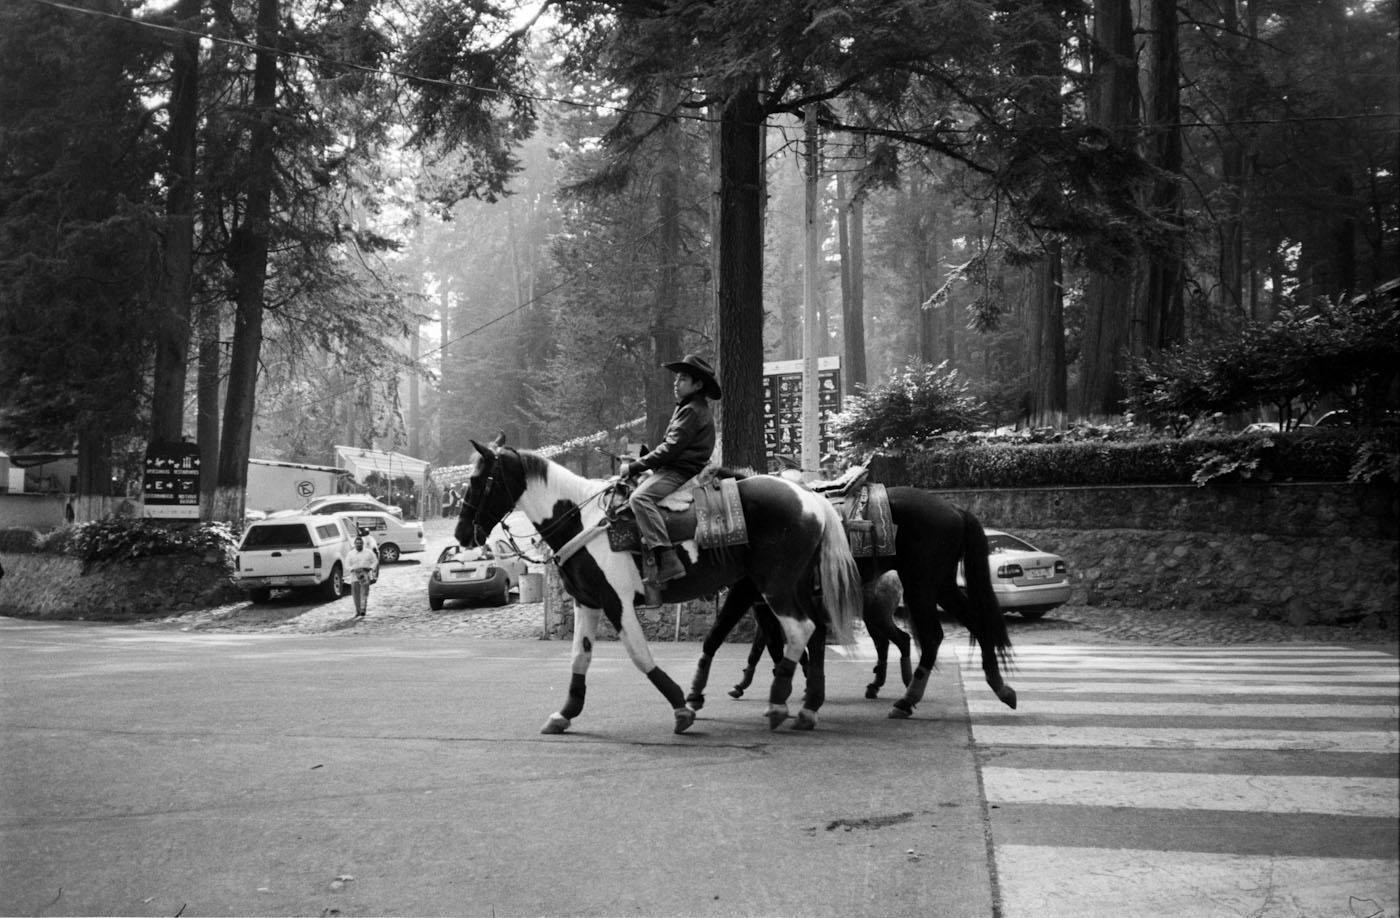 Young Cowboy on horseback, Desierto de Los Leones